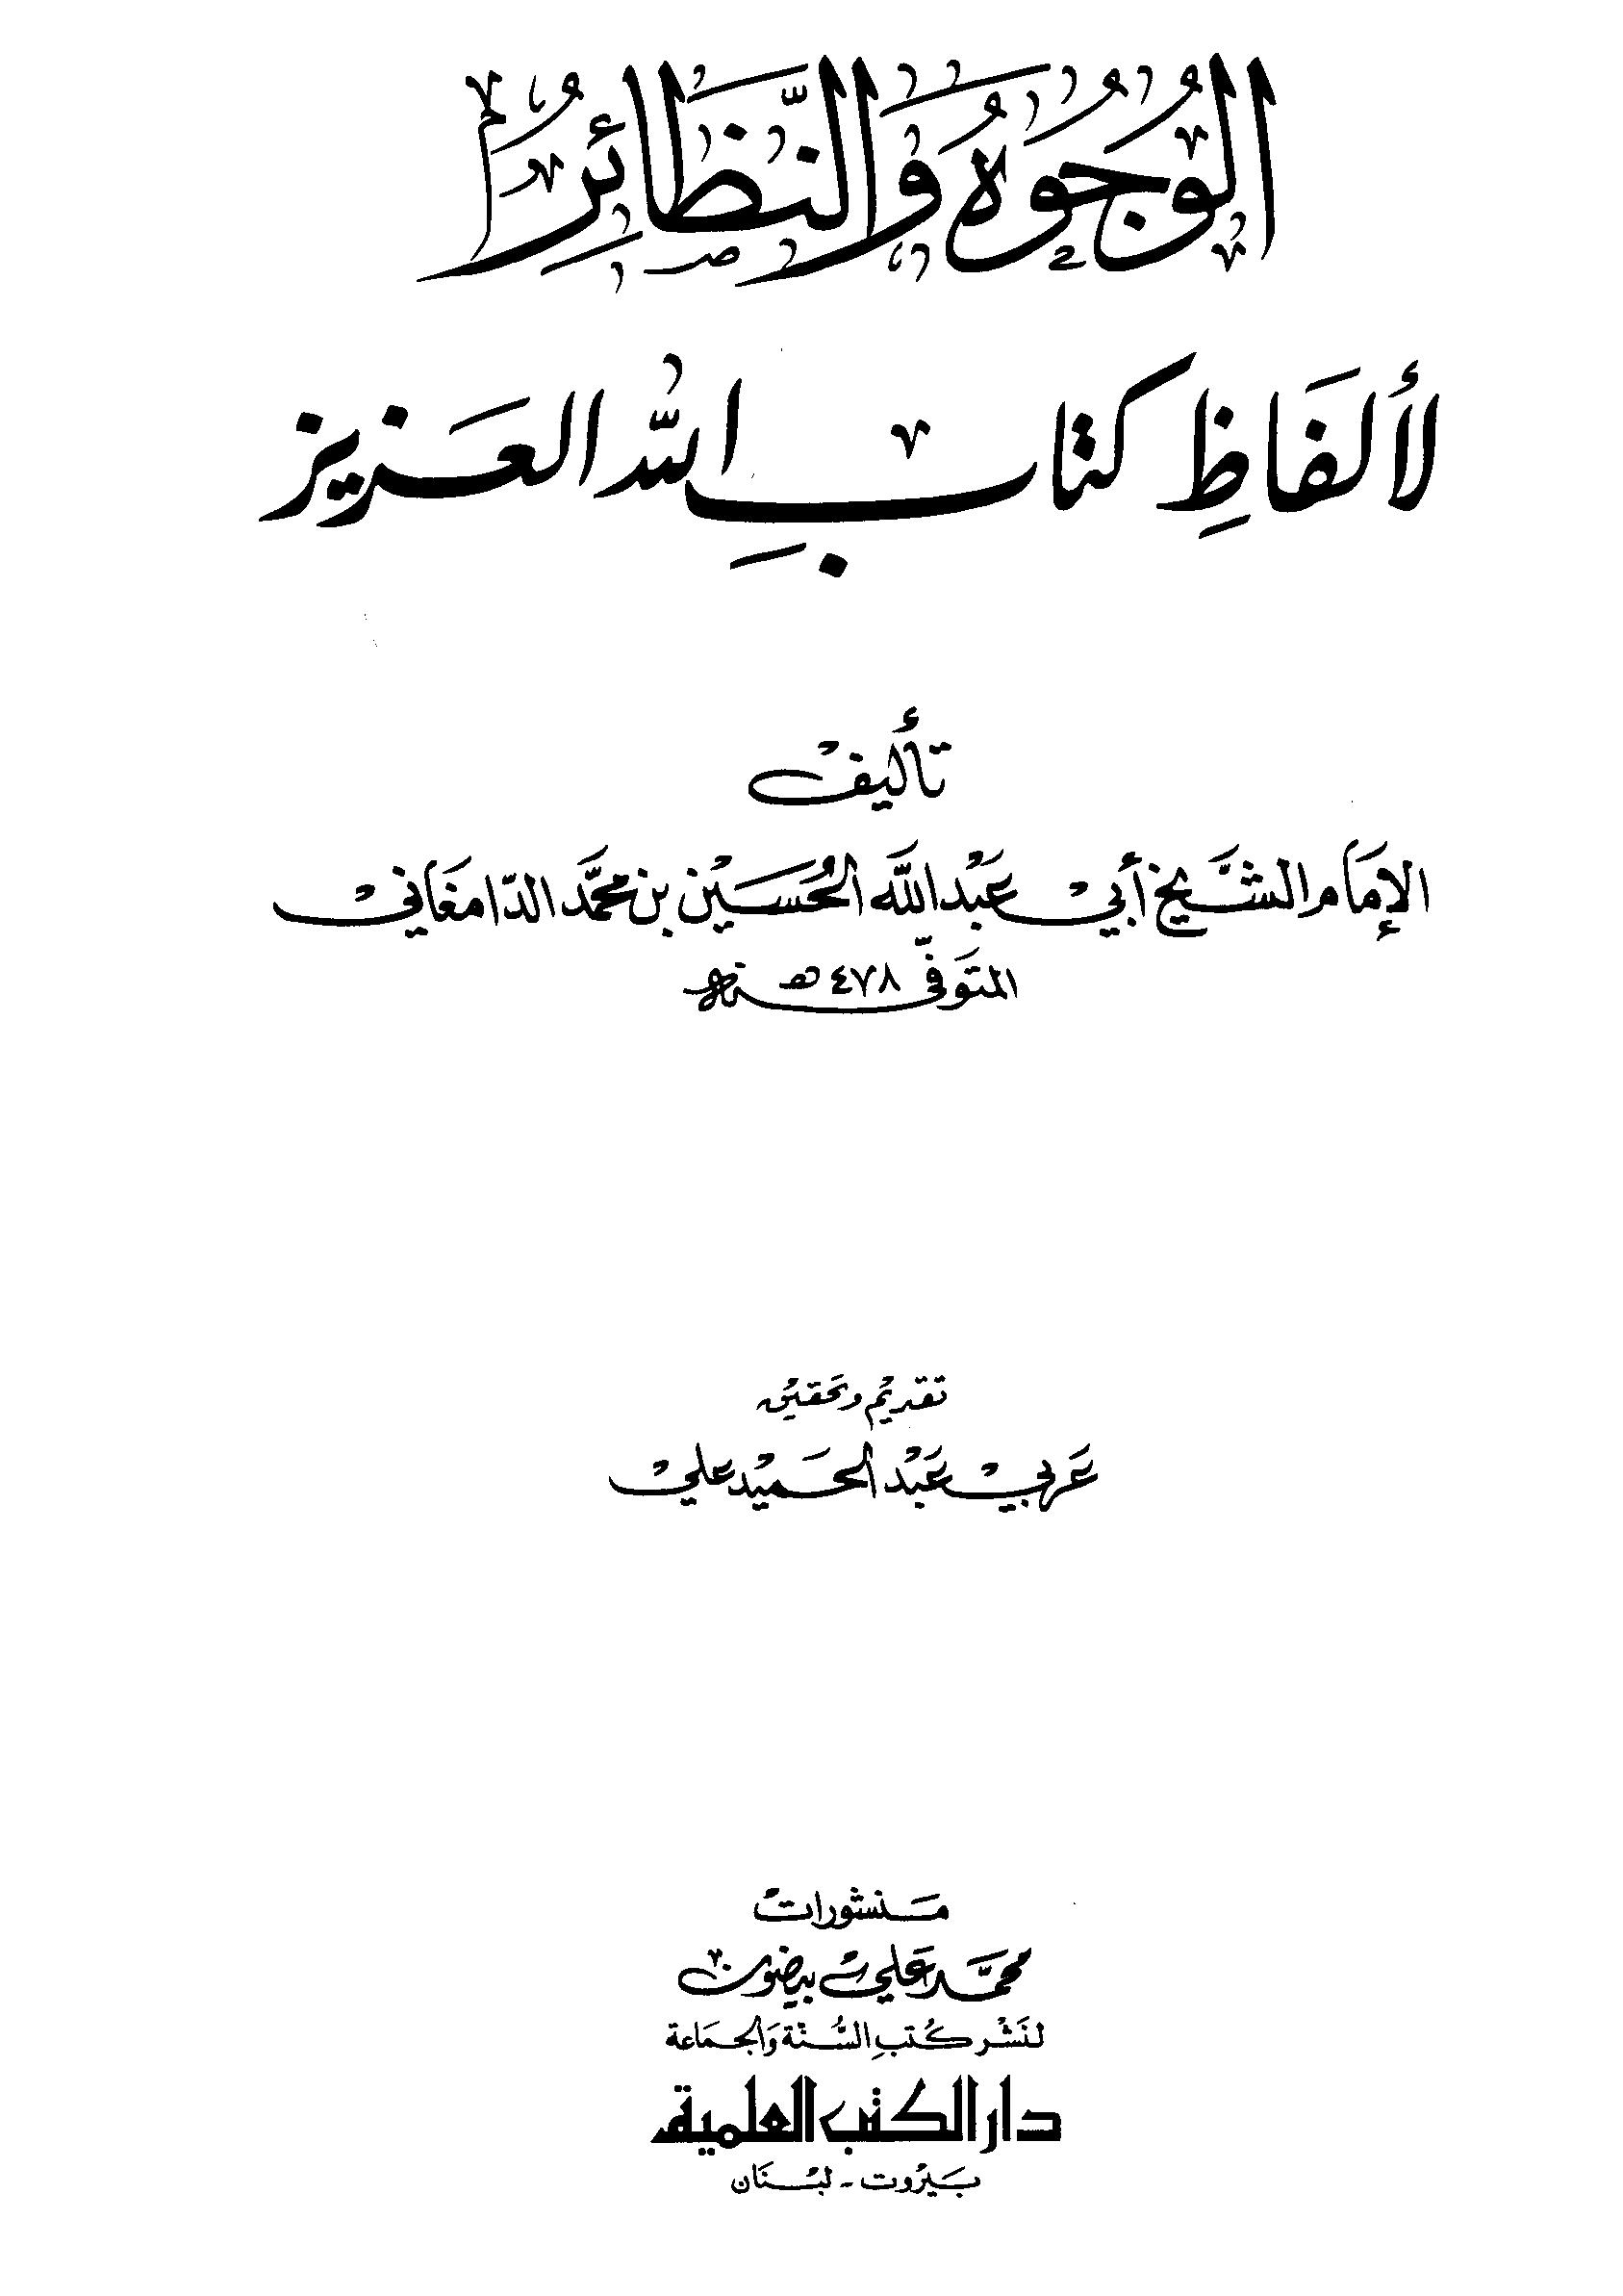 تحميل كتاب الوجوه والنظائر لألفاظ كتاب الله العزيز لـِ: الإمام أبو عبد الله الحسين بن محمد الدامغاني (ت 478)